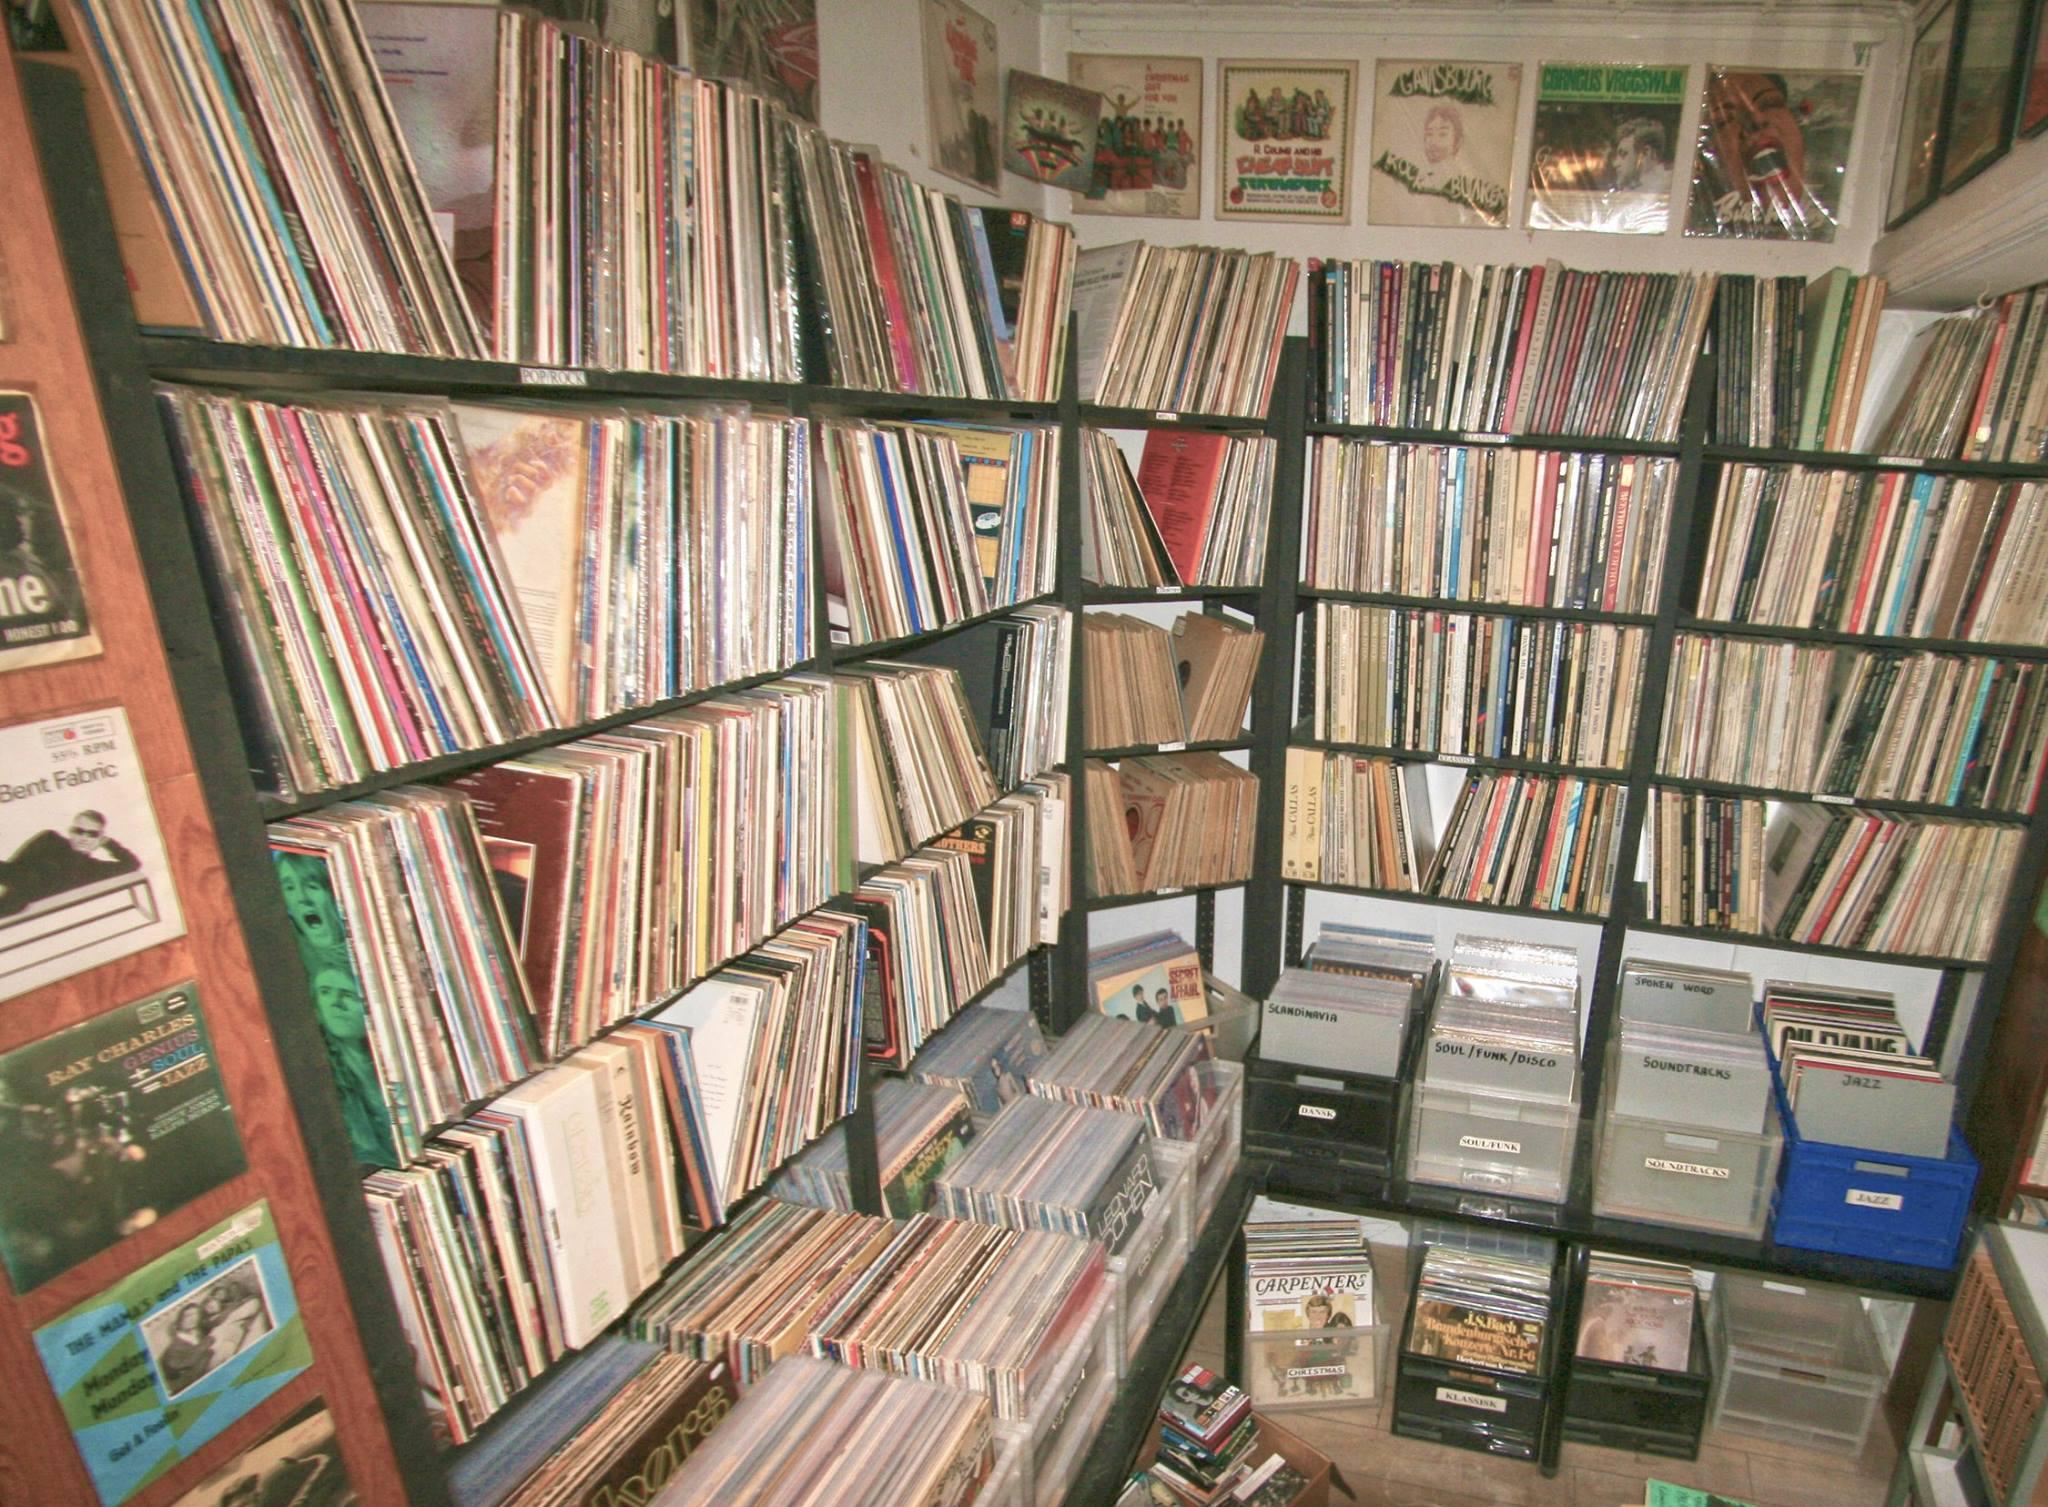 clemens antikvariat vinylplader